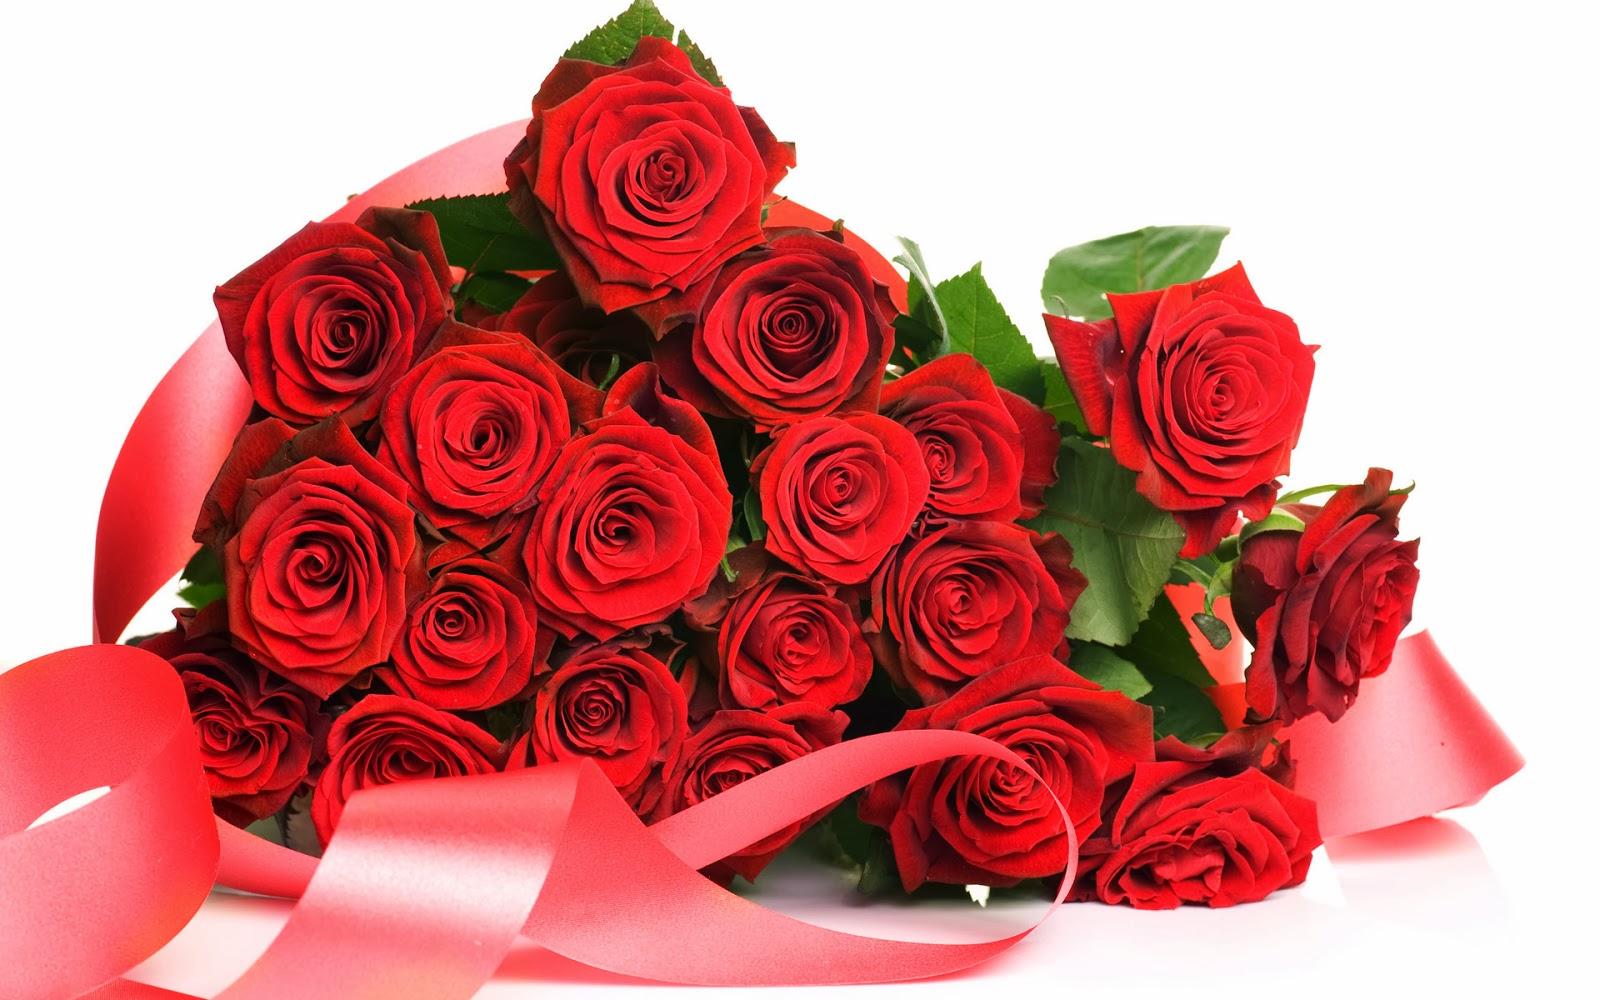 Фото пожалуйста с цветами